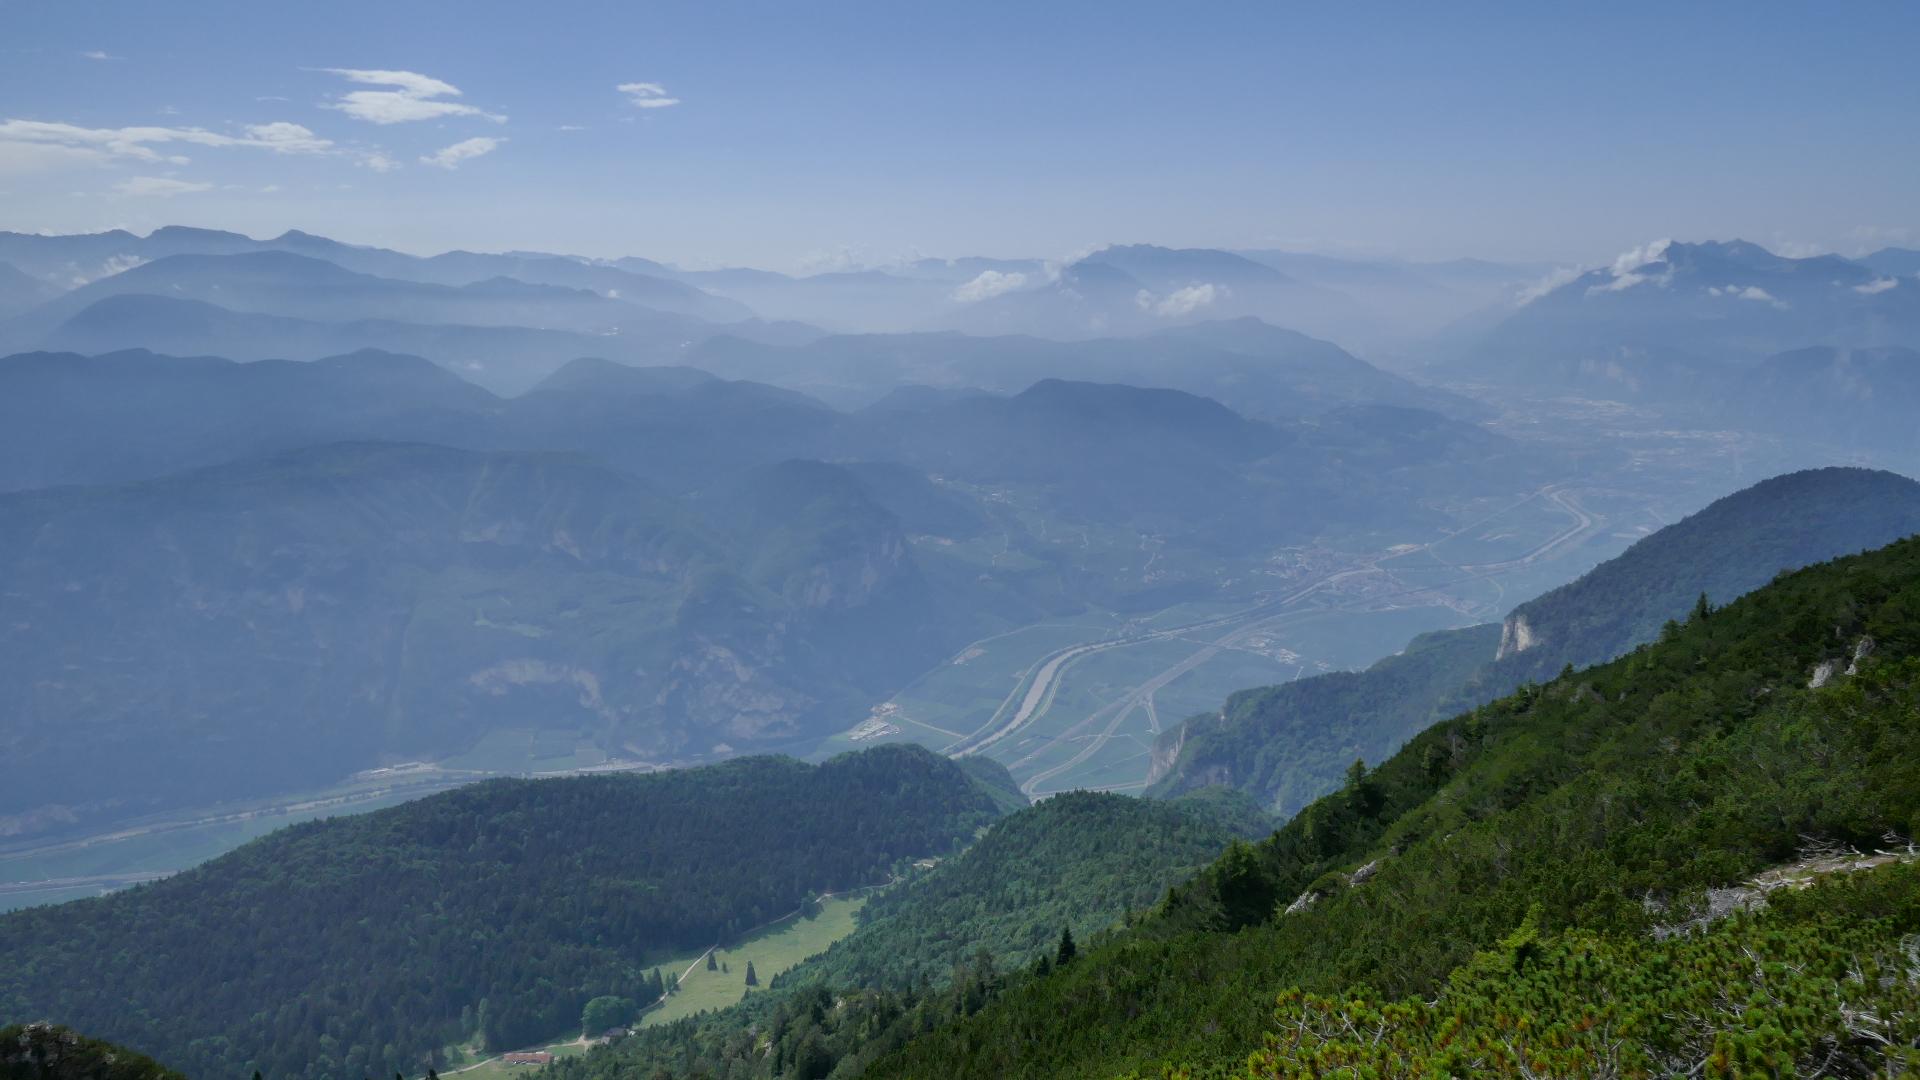 Tiefblick auf Monte di Mezzocorona